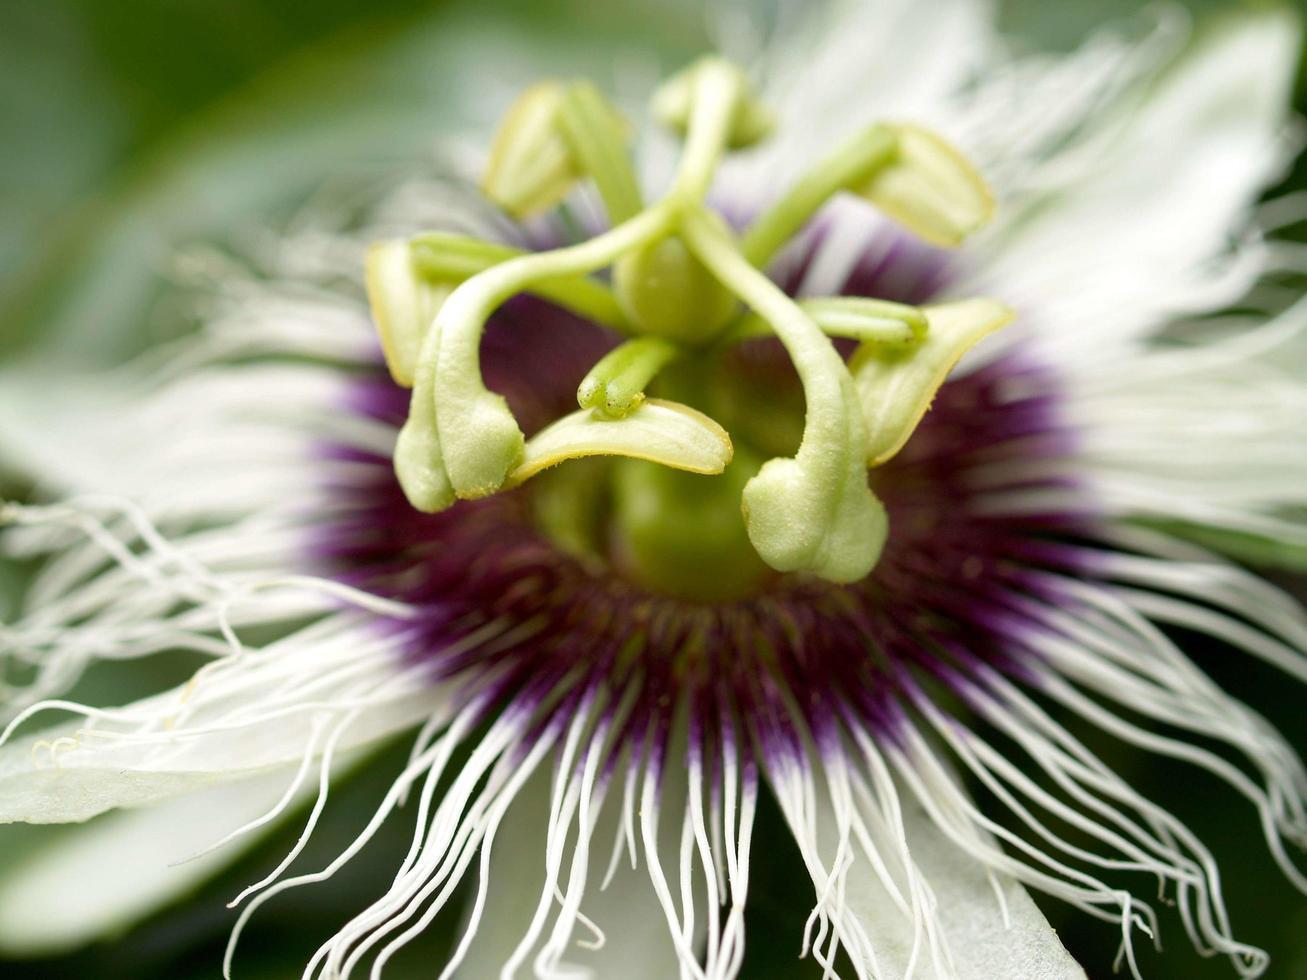 primo piano di un fiore di frutto della passione foto